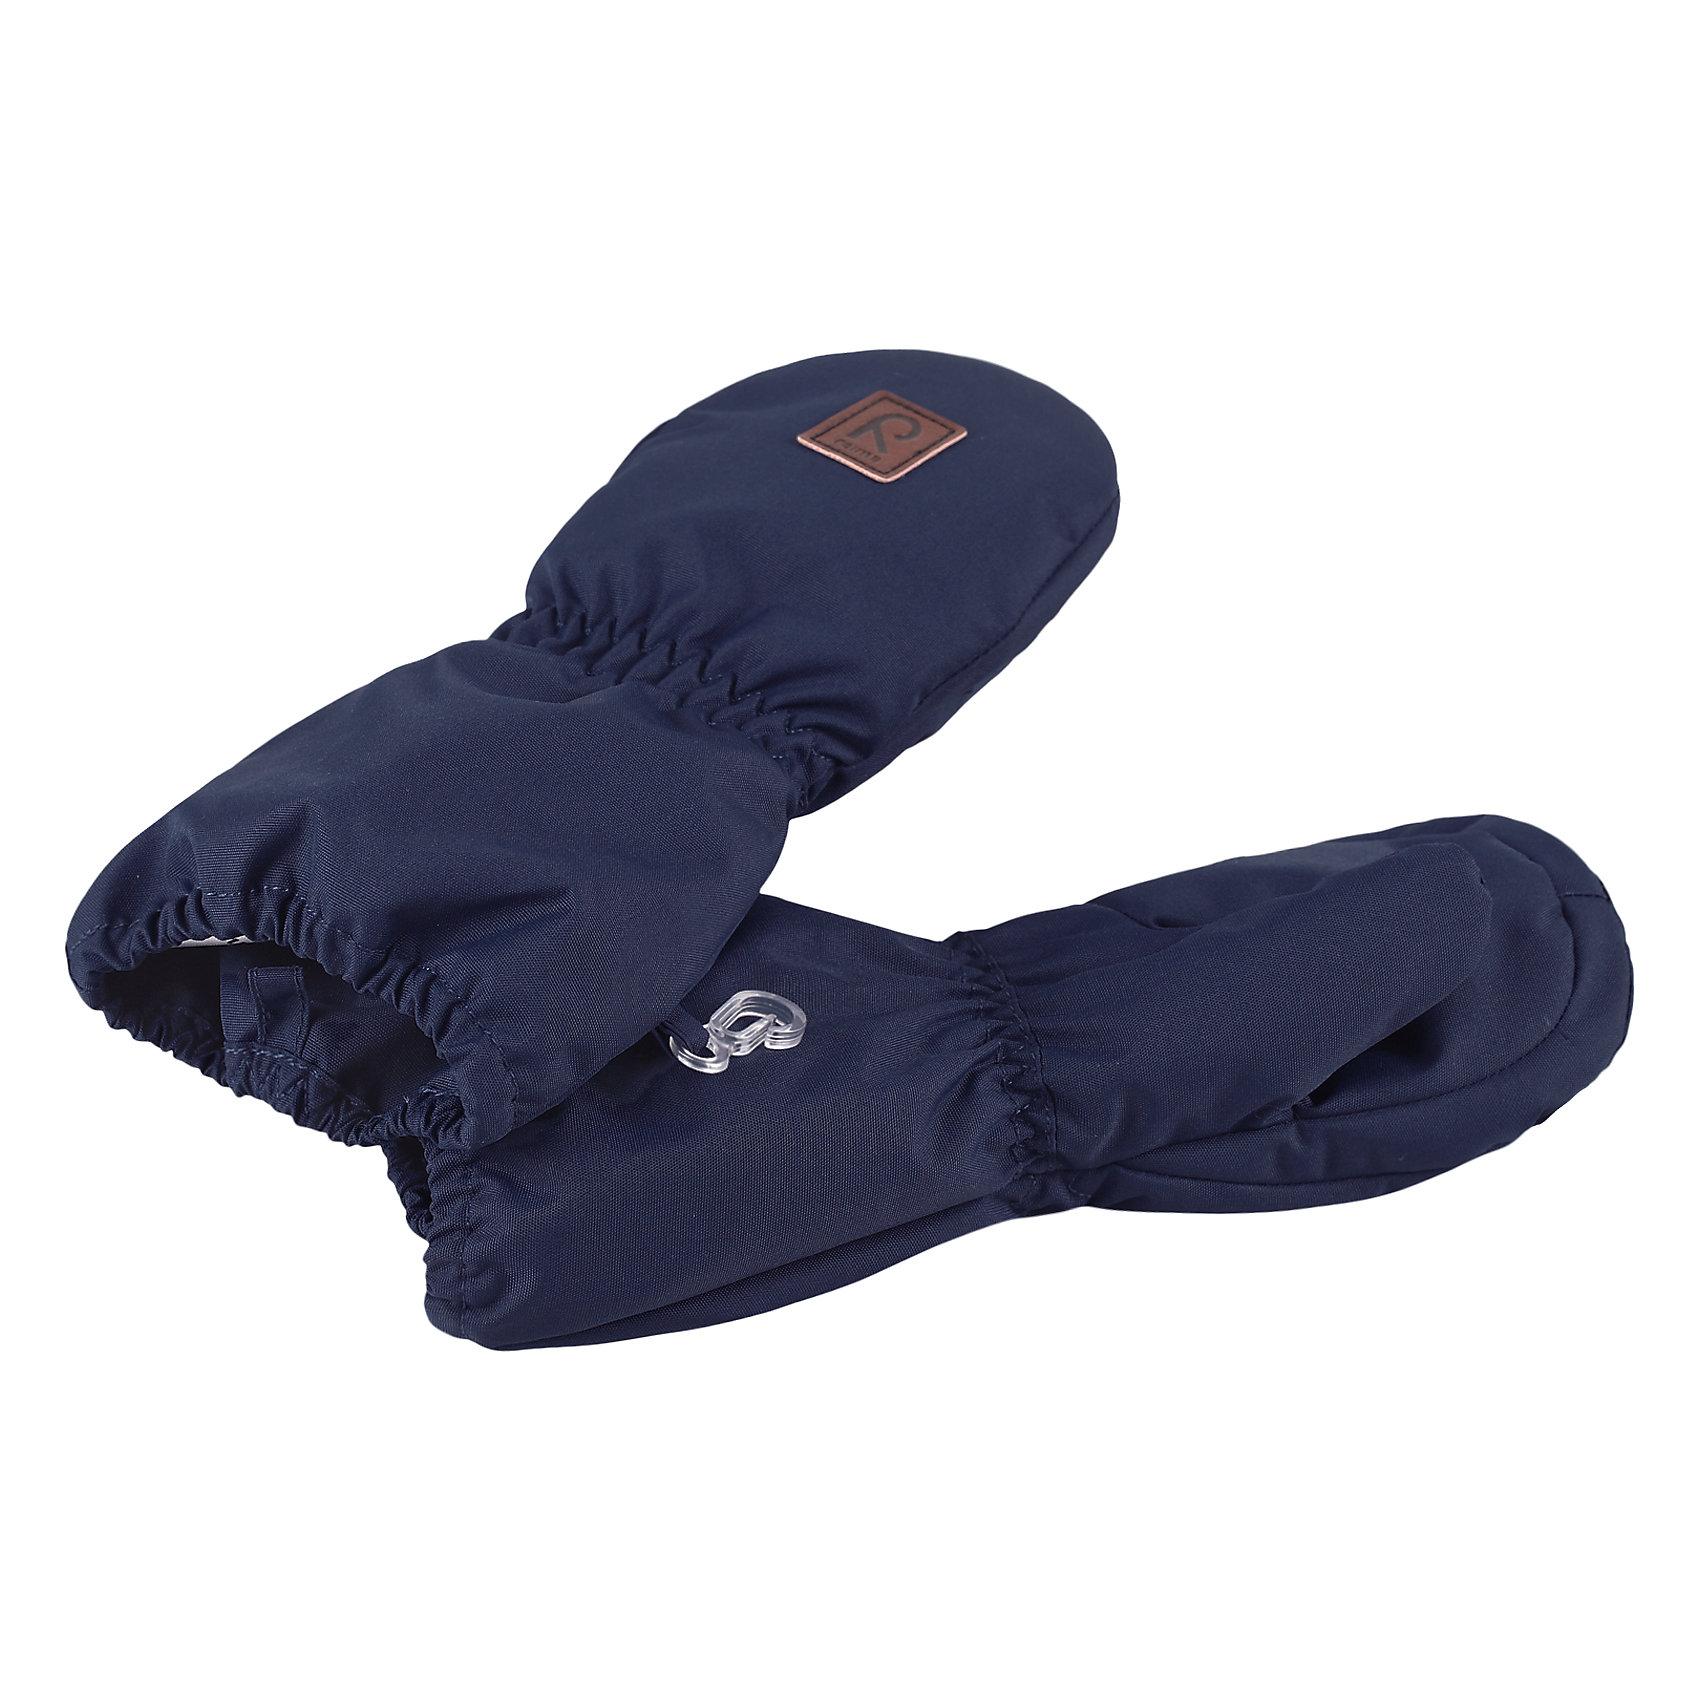 Варежки Huiske для мальчика ReimaВарежки  Reima<br>Варежки для малышей. Водонепроницаемый материал, вставки отсутствуют — товар не является водонепроницаемым. Водо- и ветронепроницаемый «дышащий» материал. Шерсть идеально поддерживает температуру. Теплая подкладка из ткани из смеси шерсти. Средняя степень утепления. Логотип Reima® спереди.<br>Утеплитель: Reima® Comfortinsulation,80 g<br>Уход:<br>Стирать по отдельности. Стирать моющим средством, не содержащим отбеливающие вещества. Полоскать без специального средства. Сушить при низкой температуре. <br>Состав:<br>100% Полиамид, полиуретановое покрытие<br><br>Ширина мм: 162<br>Глубина мм: 171<br>Высота мм: 55<br>Вес г: 119<br>Цвет: синий<br>Возраст от месяцев: 0<br>Возраст до месяцев: 12<br>Пол: Мужской<br>Возраст: Детский<br>Размер: 0,2,1<br>SKU: 4777341